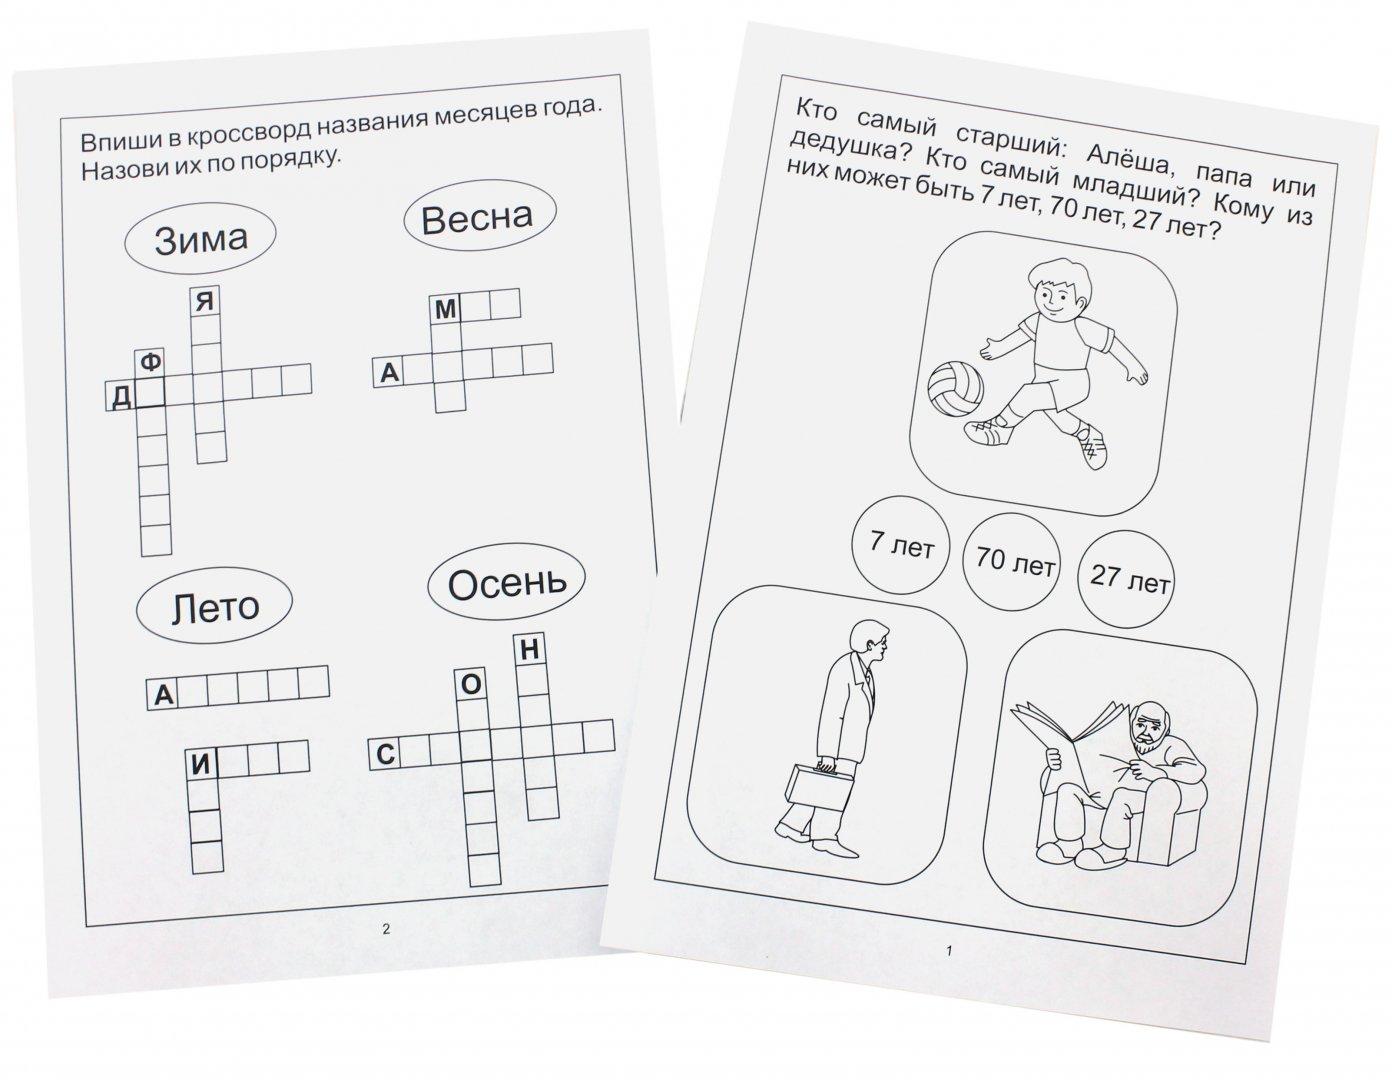 Иллюстрация 1 из 16 для Знакомство со временем: для детей 3-5 лет. Солнечные ступеньки | Лабиринт - книги. Источник: Лабиринт